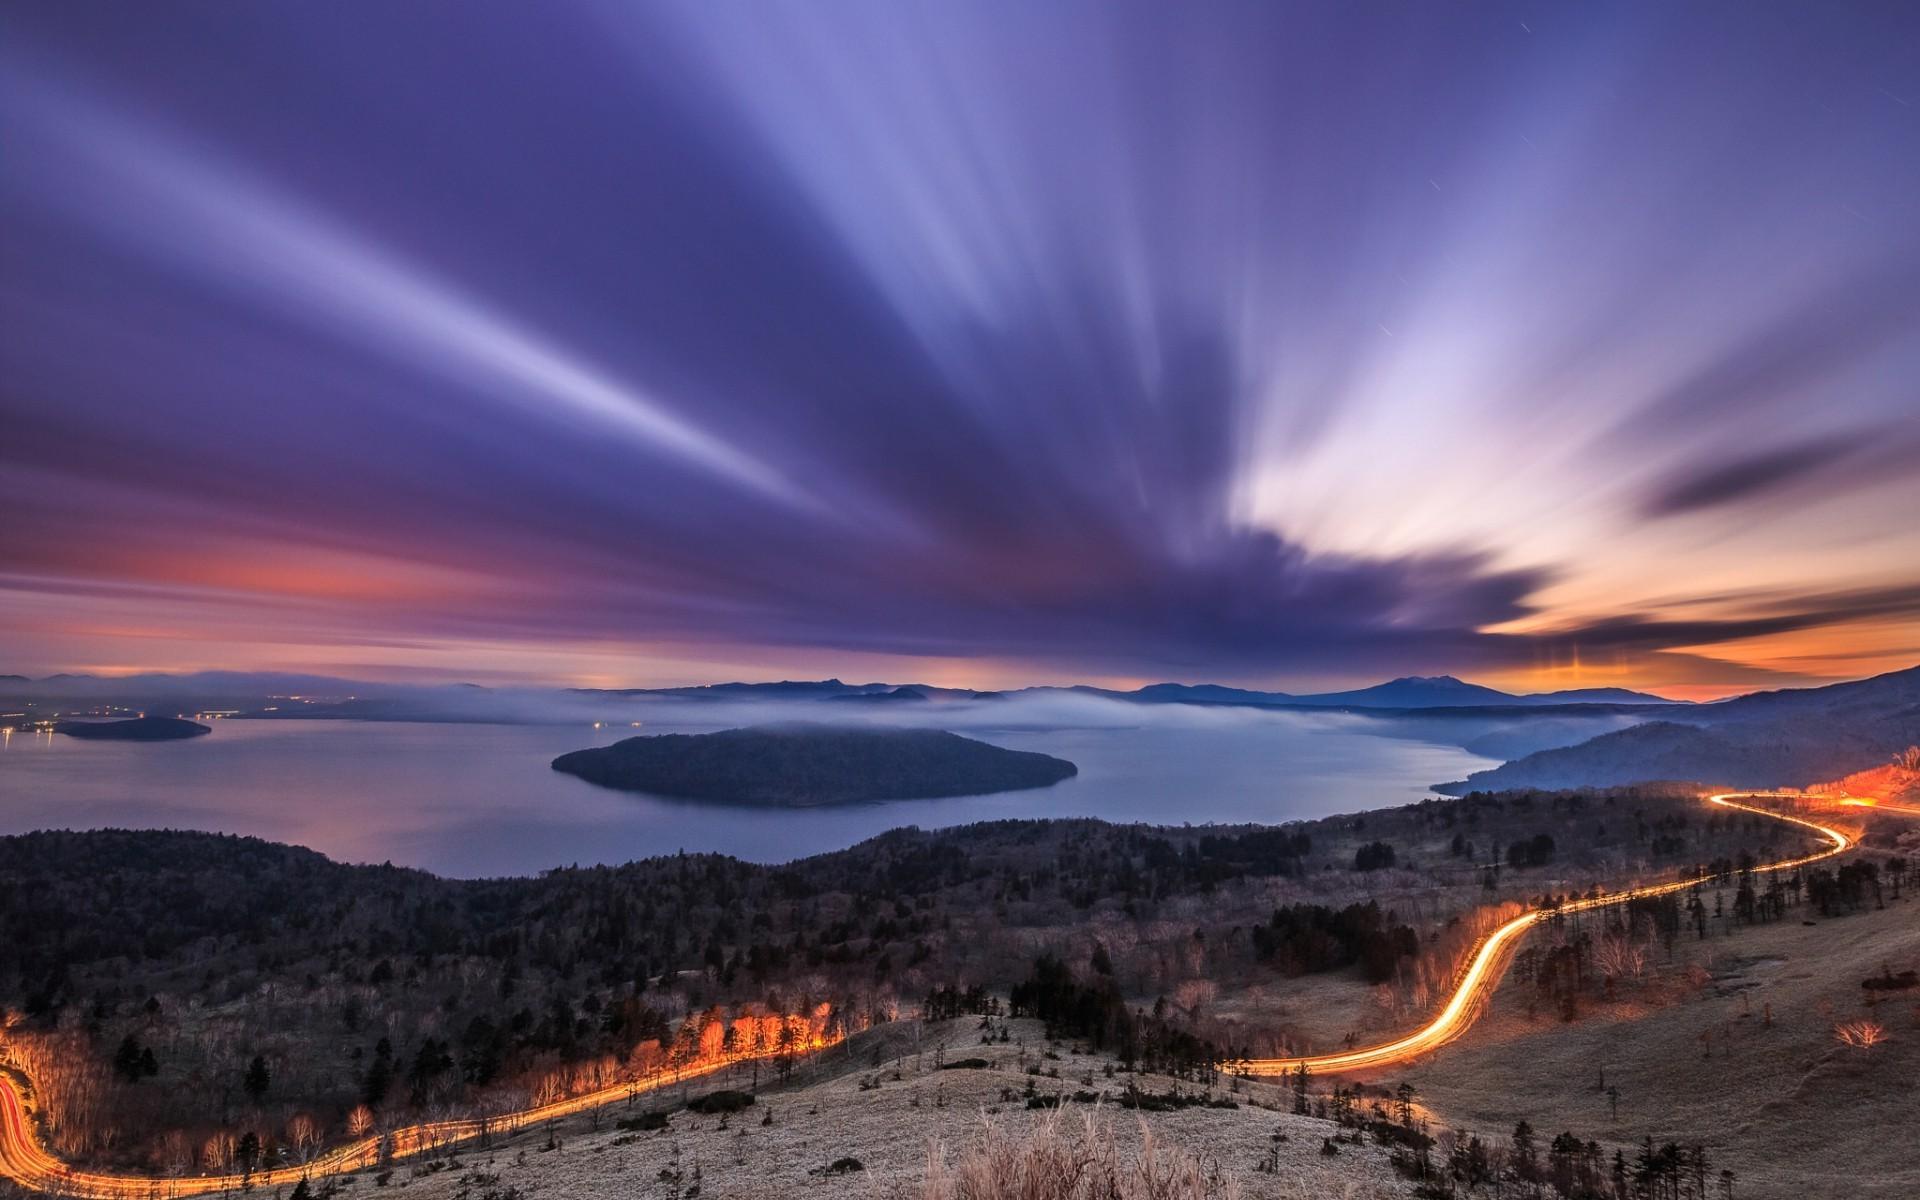 Desktop Wallpaper Fall Water Nature Landscape Long Exposure Sunset Clouds Hill